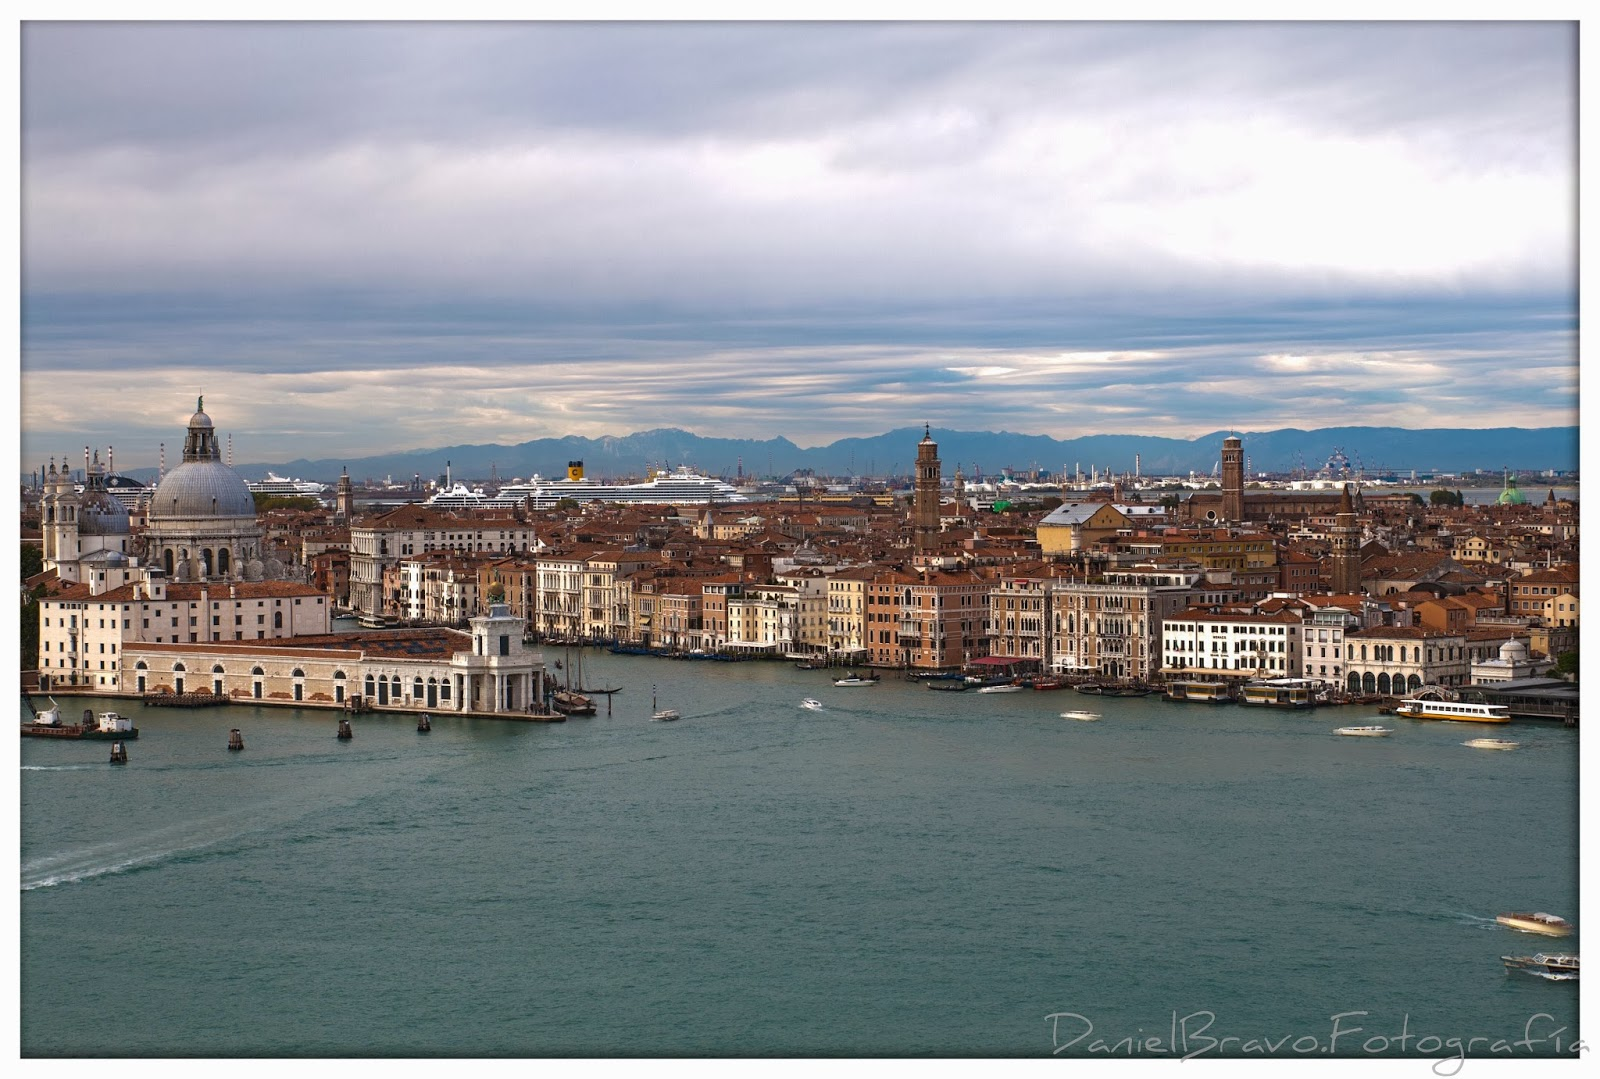 Venecia, Venezia, Gran Canal